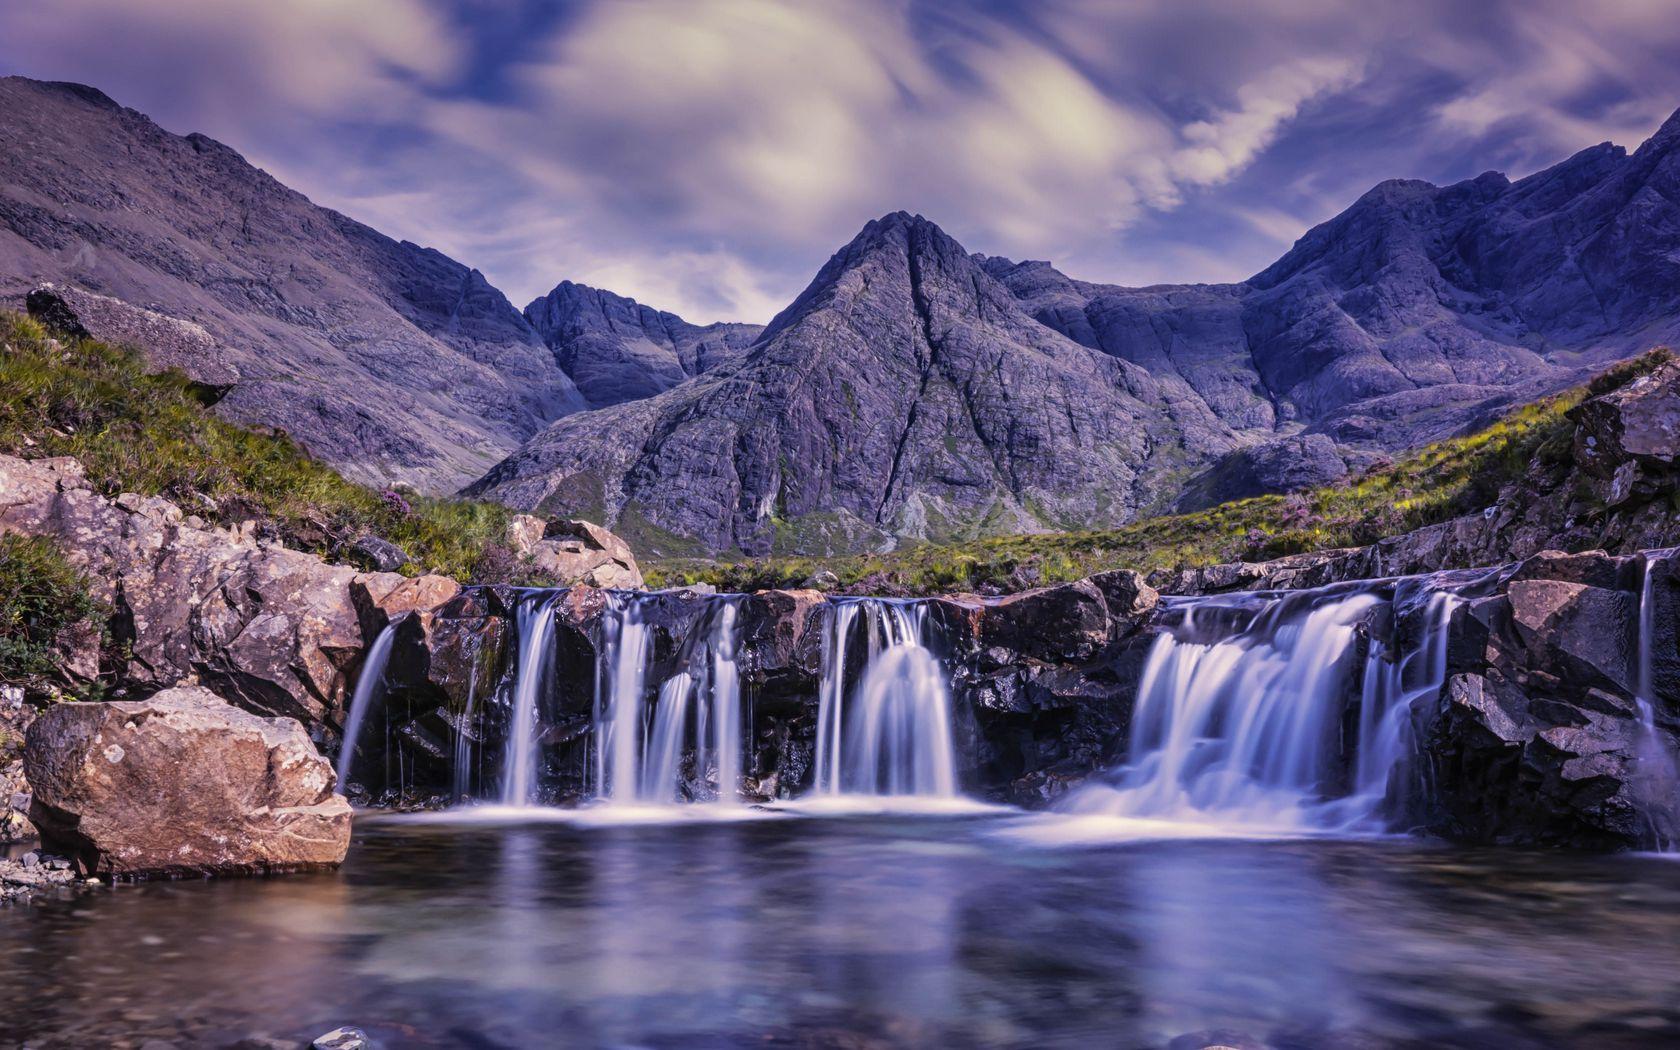 Hình ảnh thác nước đẹp như tranh